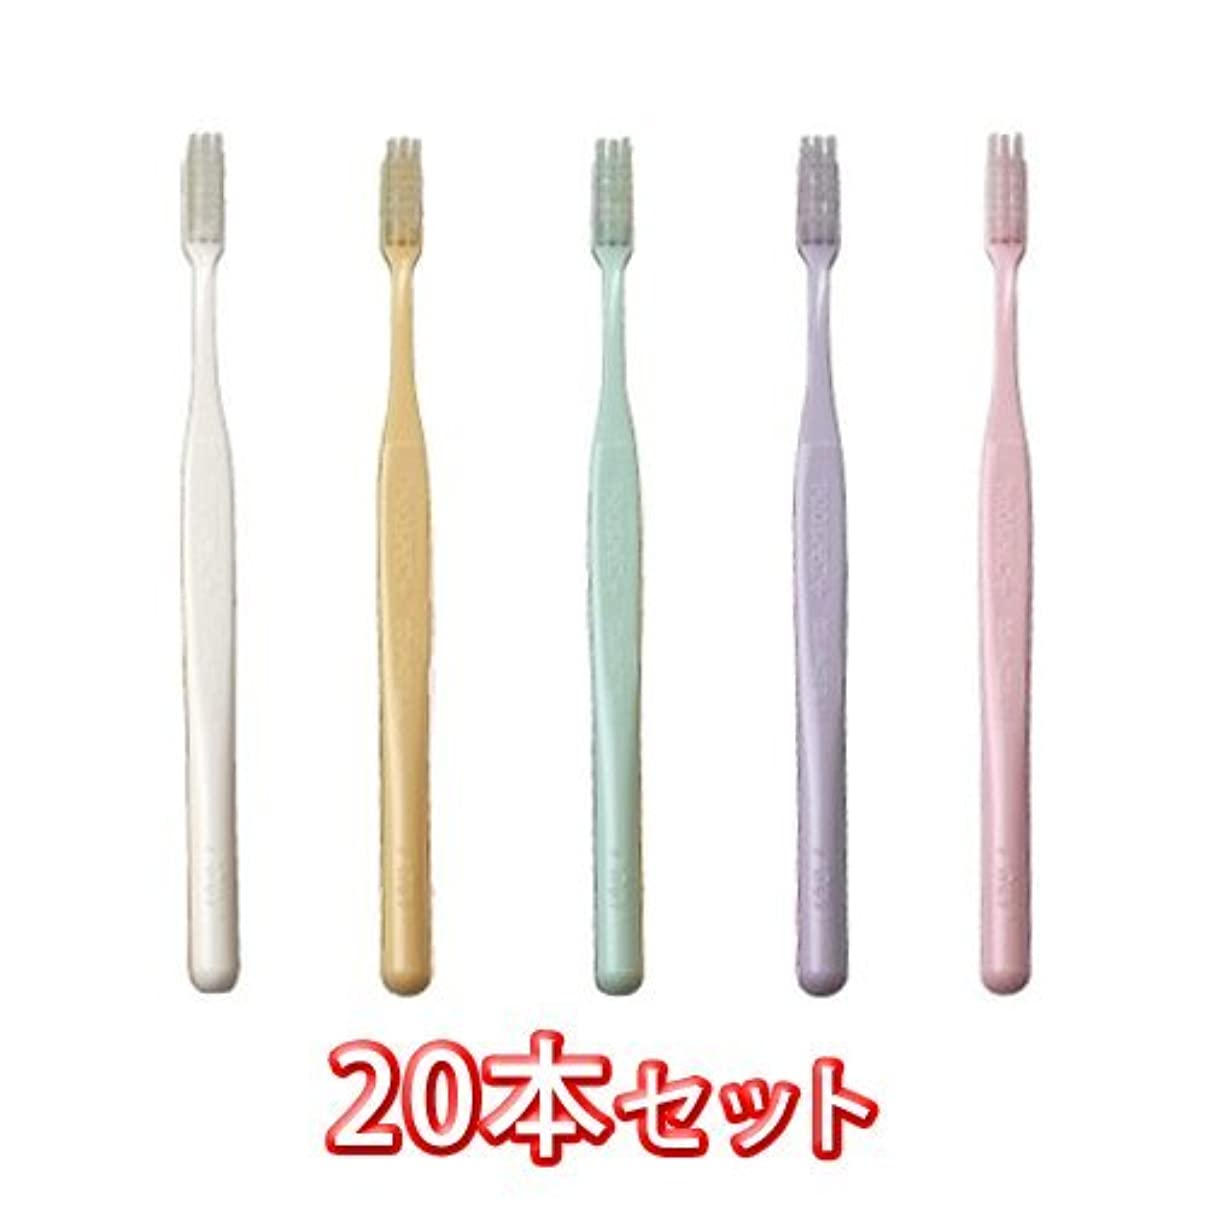 接触割り込み啓示プロスペック 歯ブラシ プラス コンパクトスリム 20本入 ふつう色 S やわらかめ